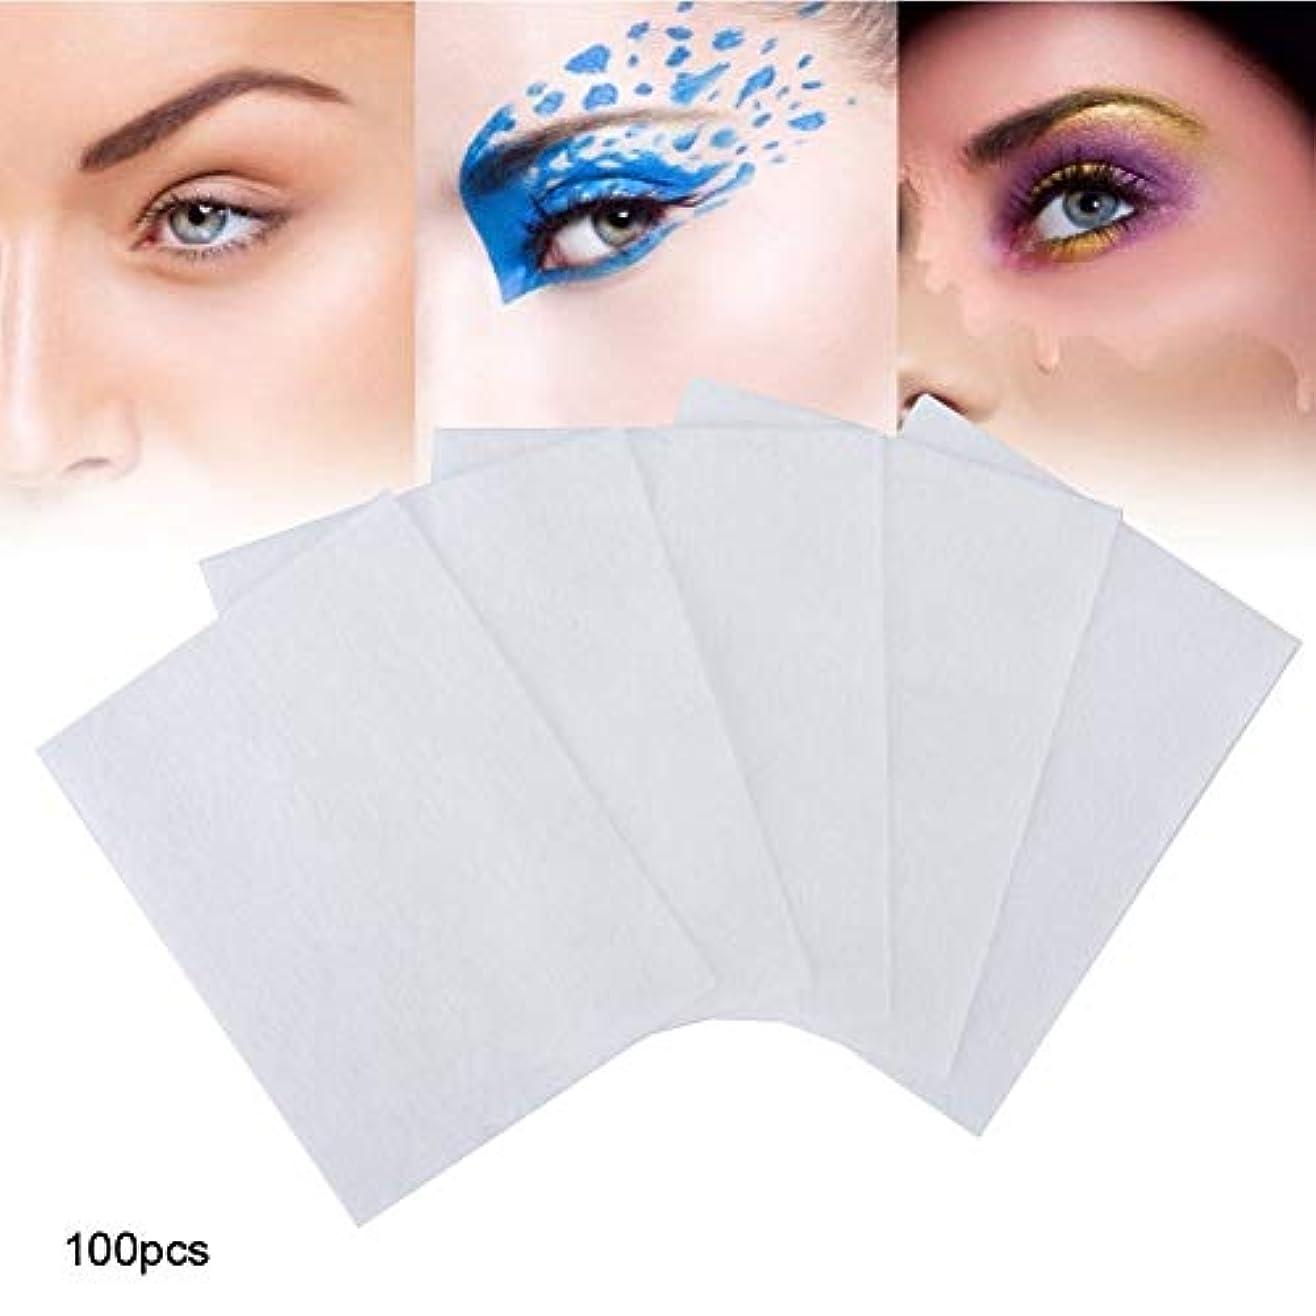 完全に乾くカリキュラムサスペンション100個 化粧コットンパッド 化粧を削除する 使い捨て洗顔料